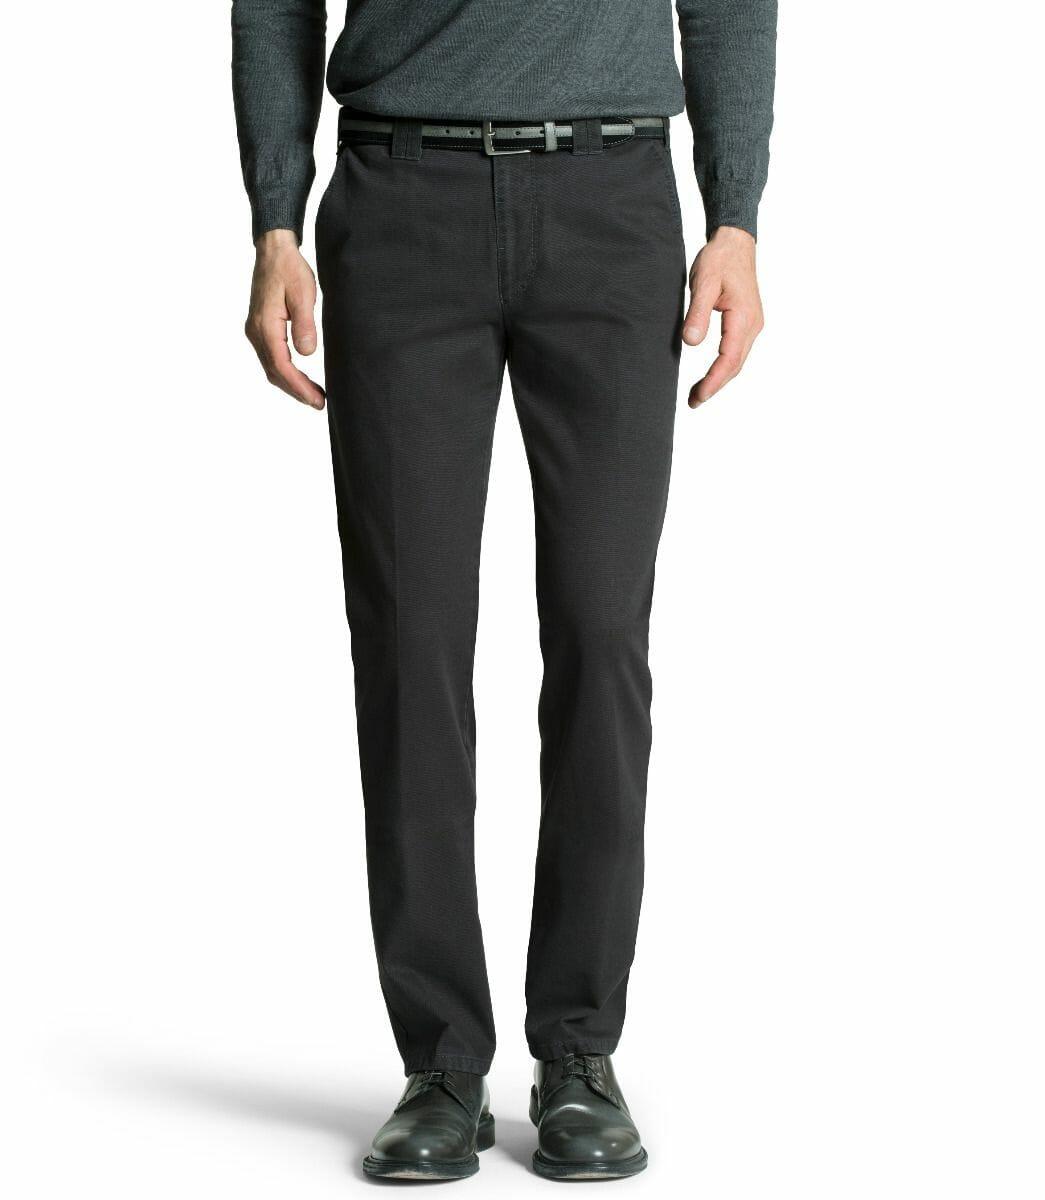 meyer hw17 oslo 5503 08 Grey - - Con Murphys Menswear